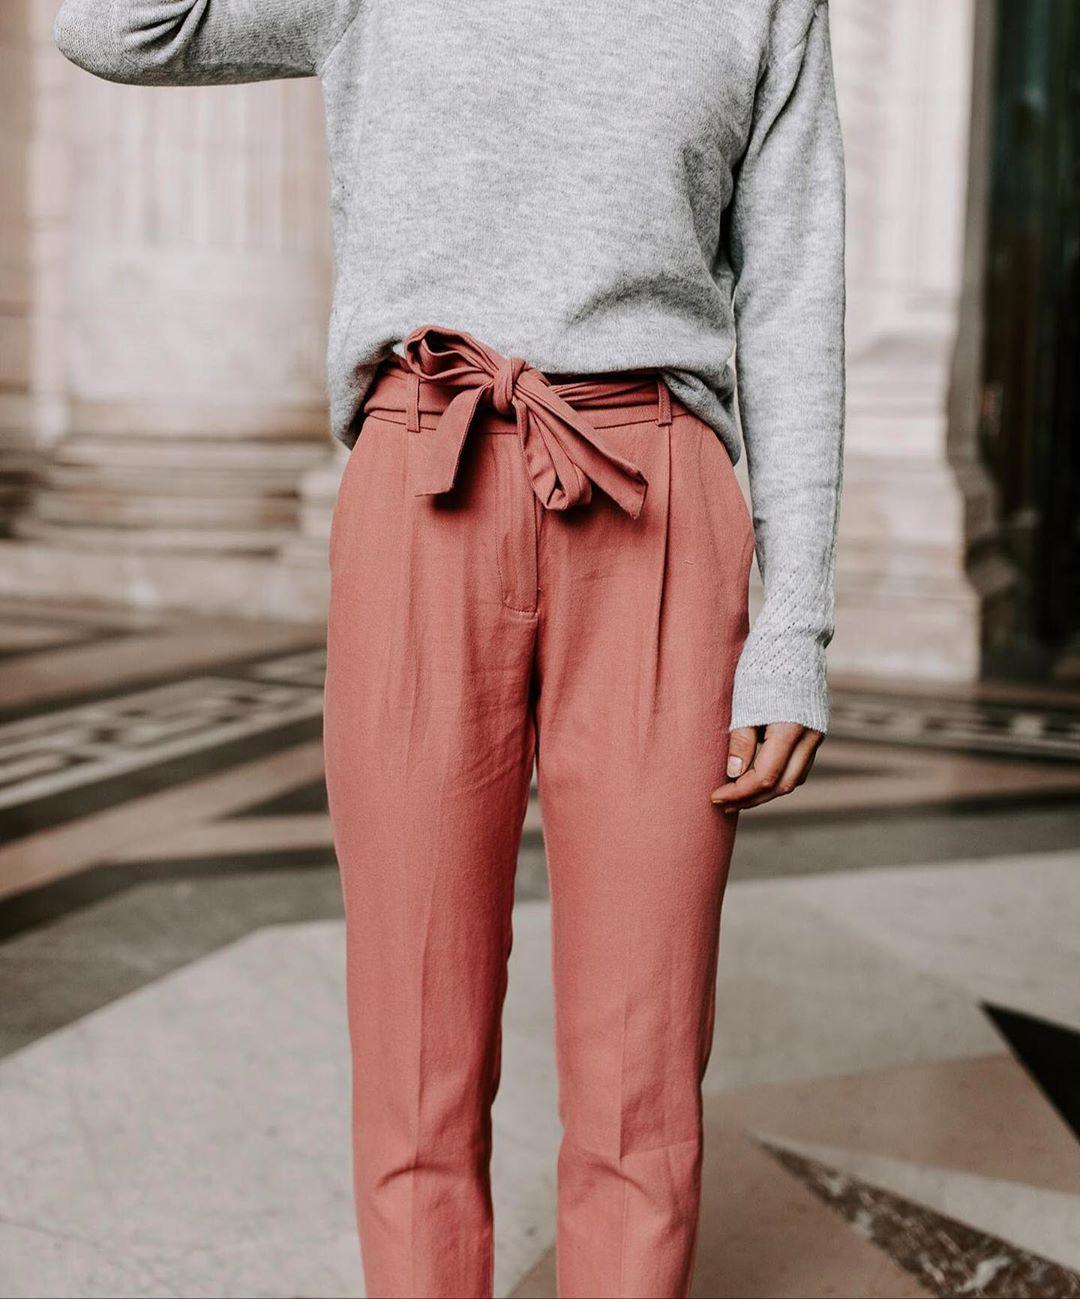 pantalon carotte rose de Les Bourgeoises sur lesbourgeoisesofficiel